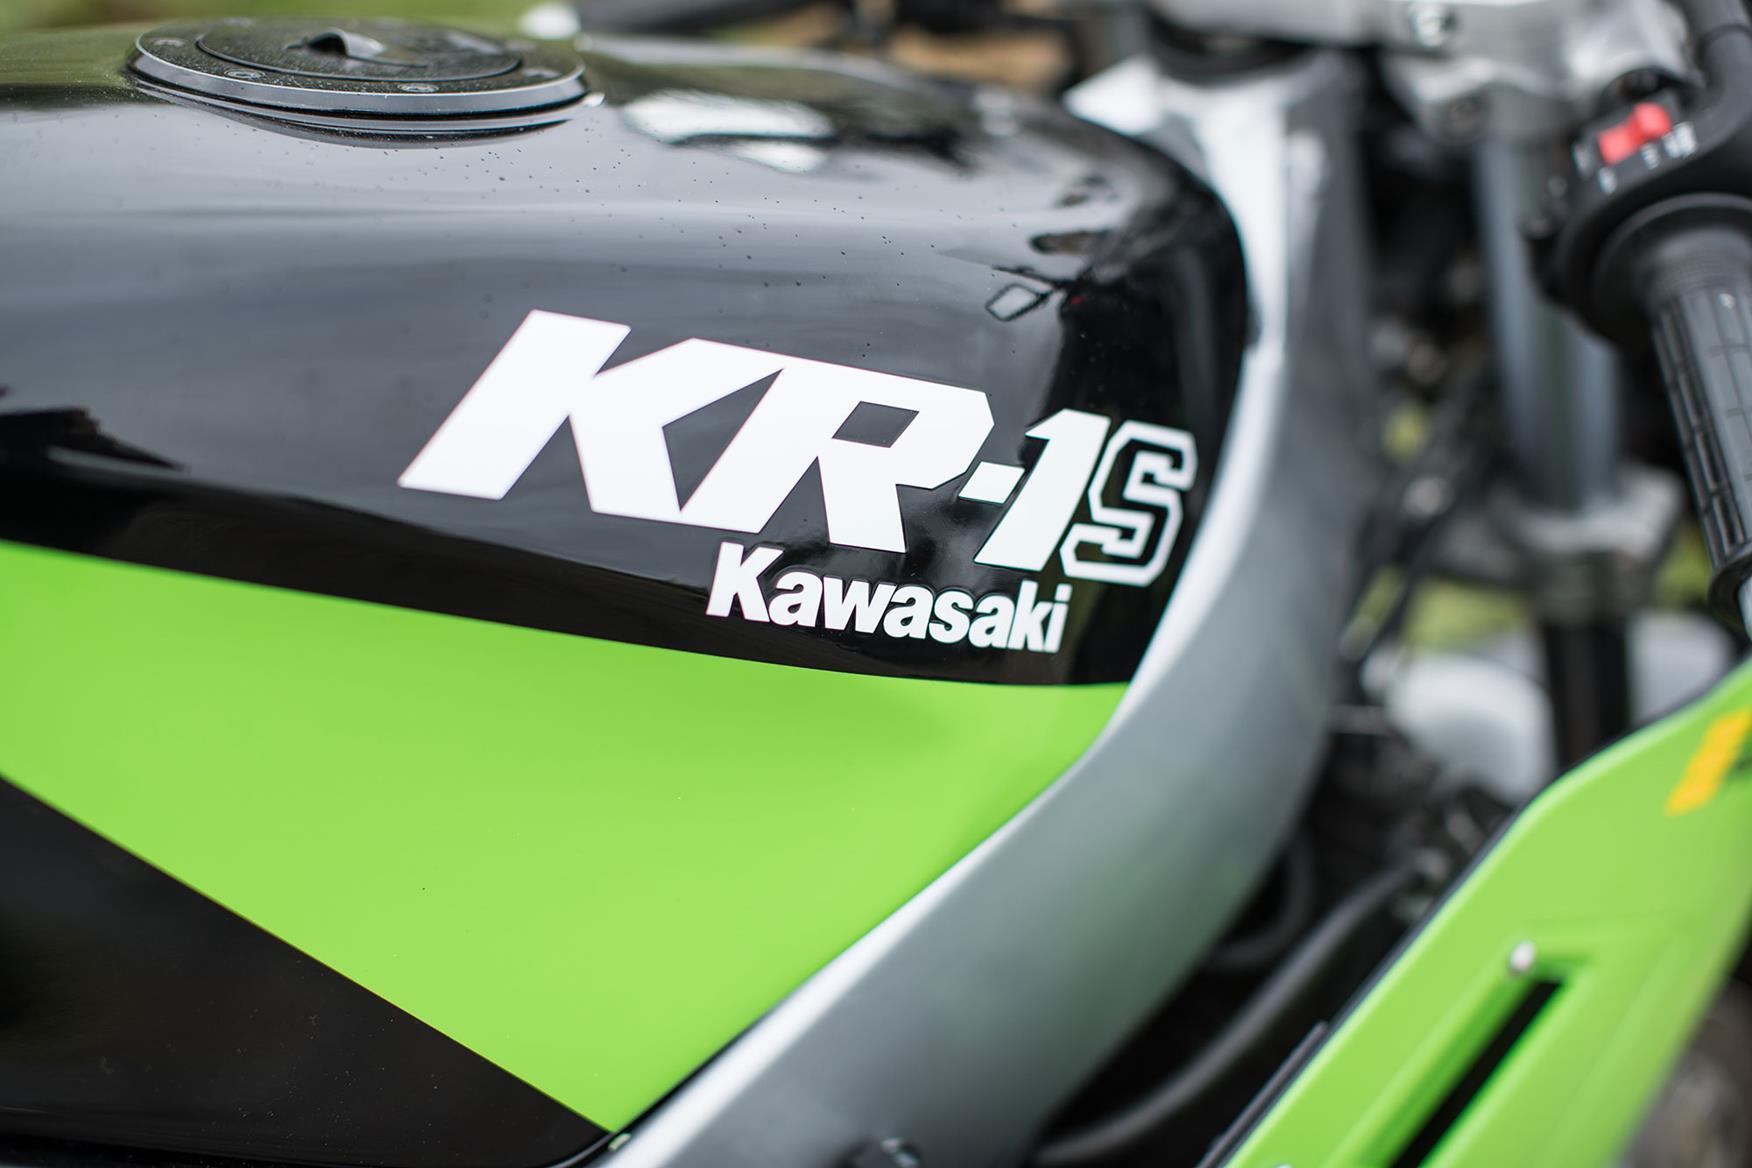 The Kawasaki KR-1S logo